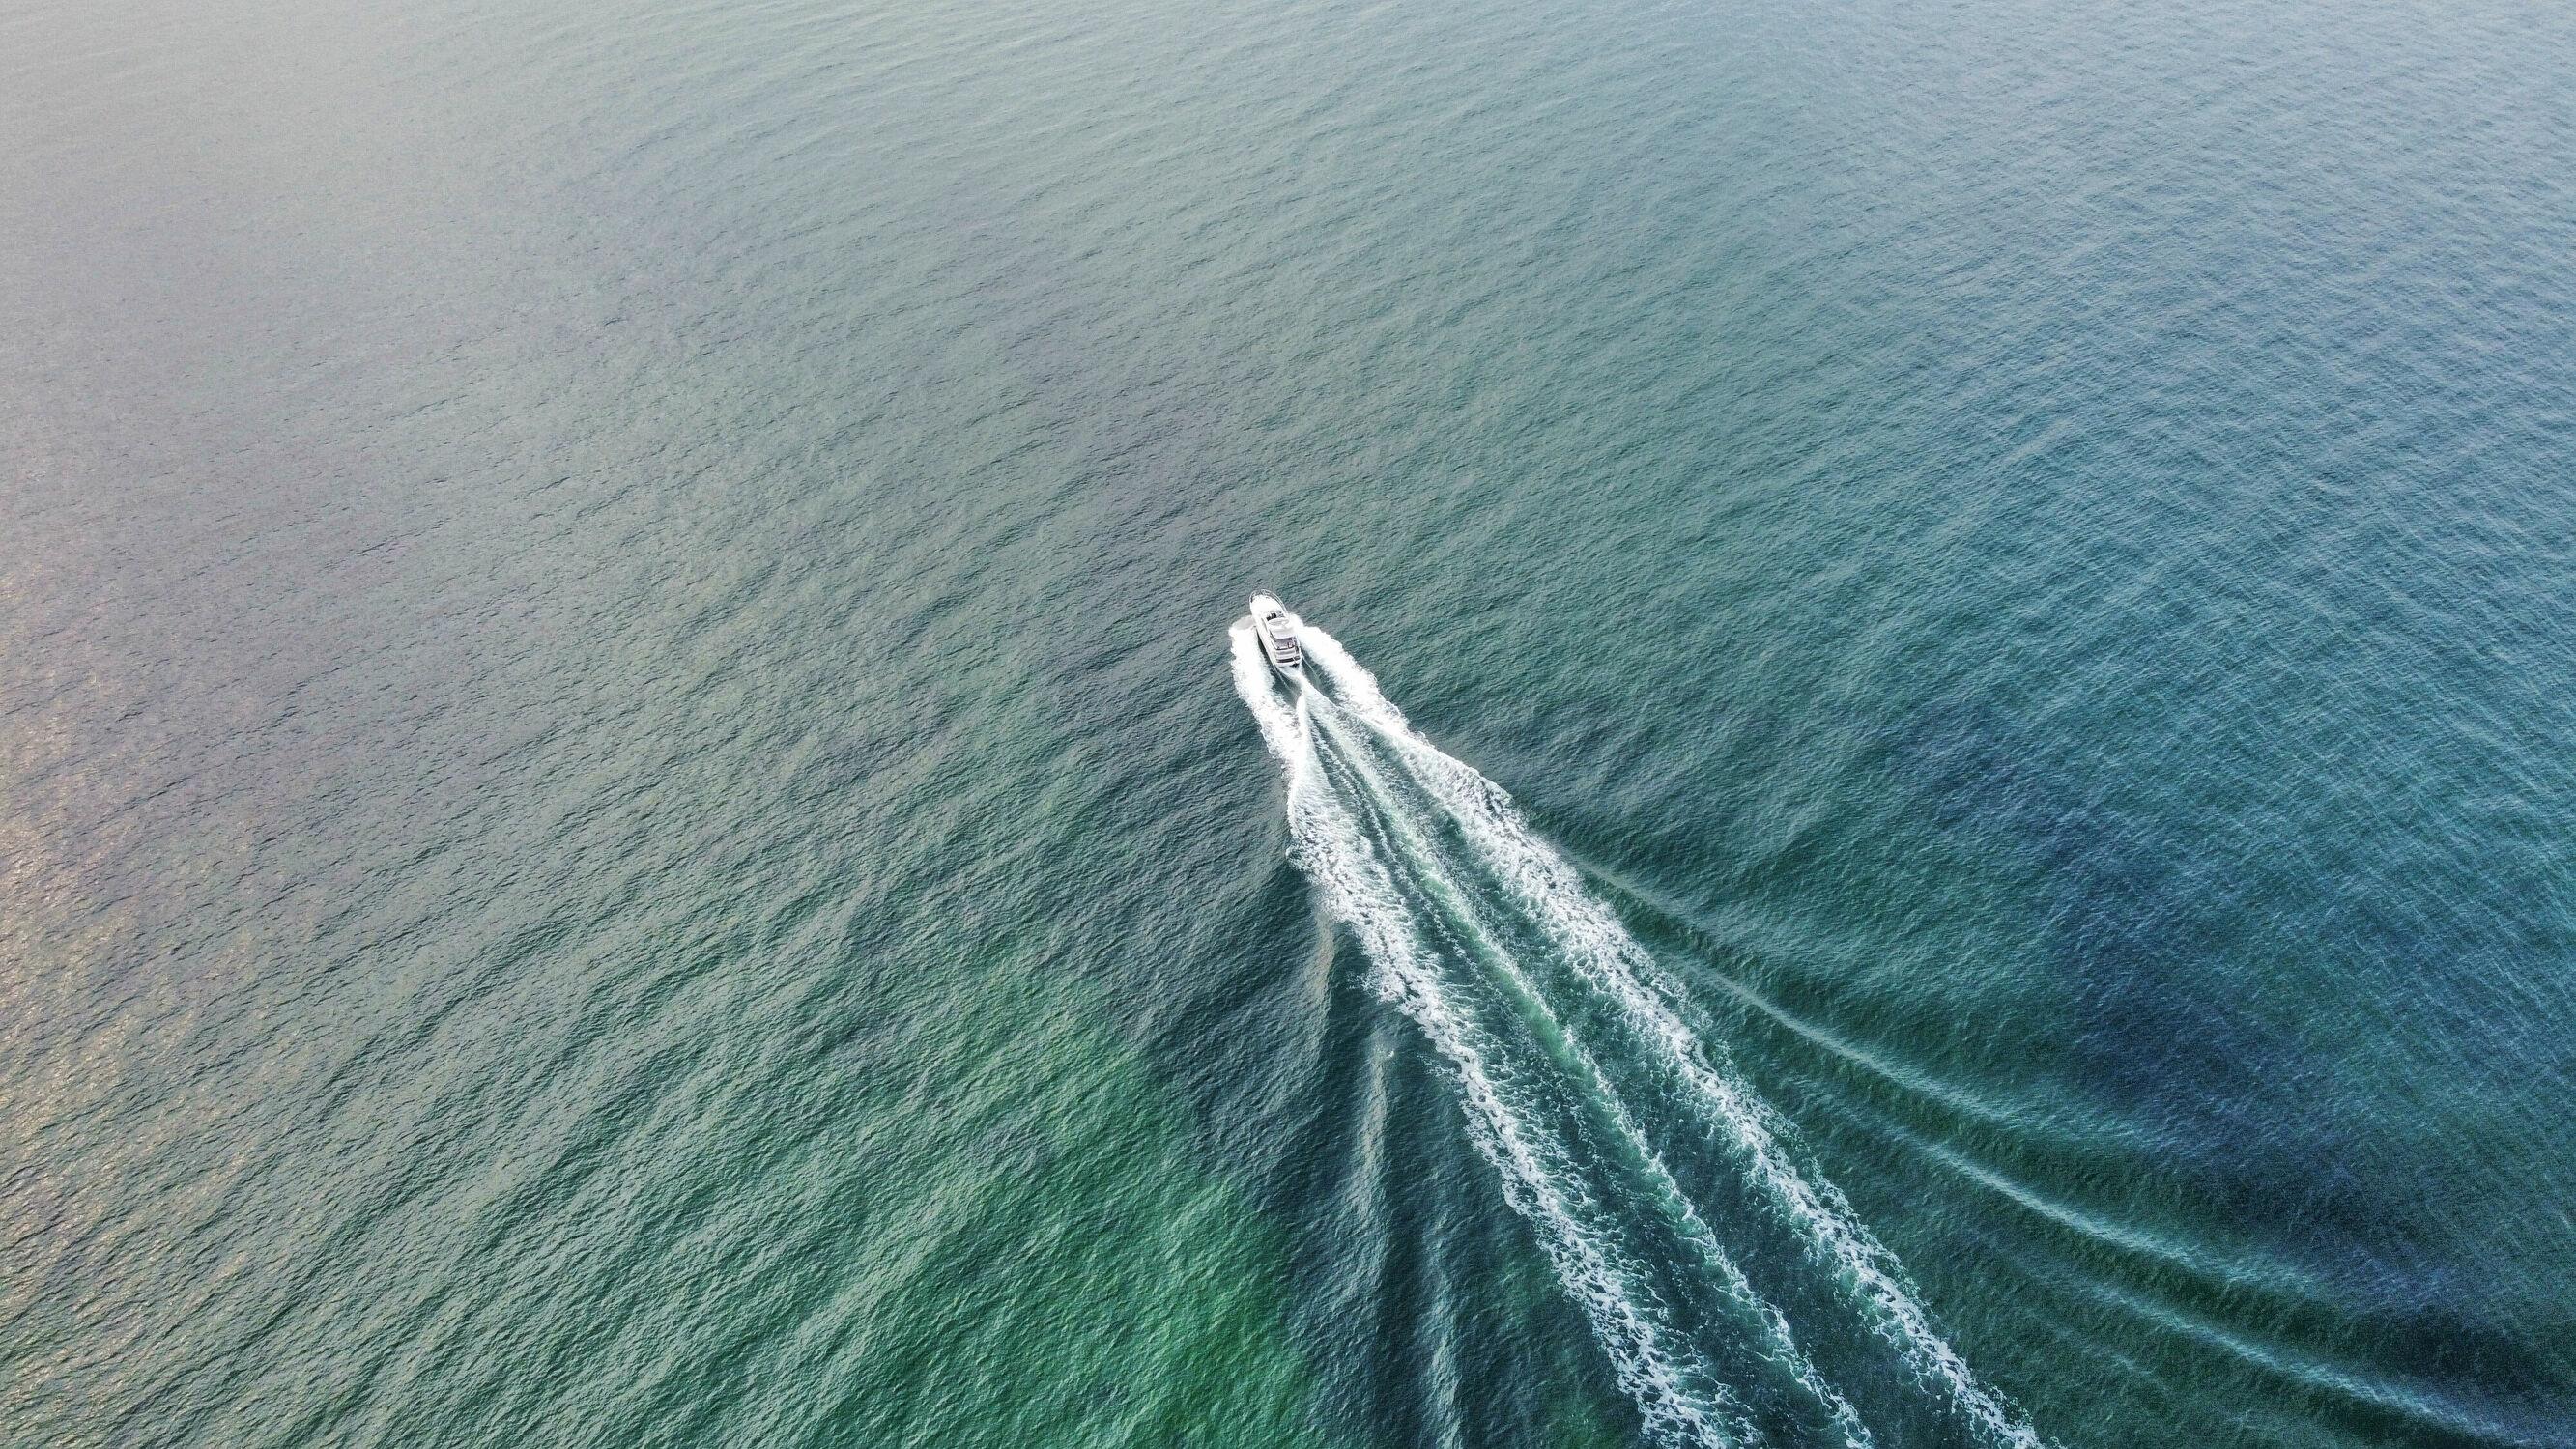 Bild mit Natur, Wellen, Deutschland, Ostsee, Boote, Luftaufnahme